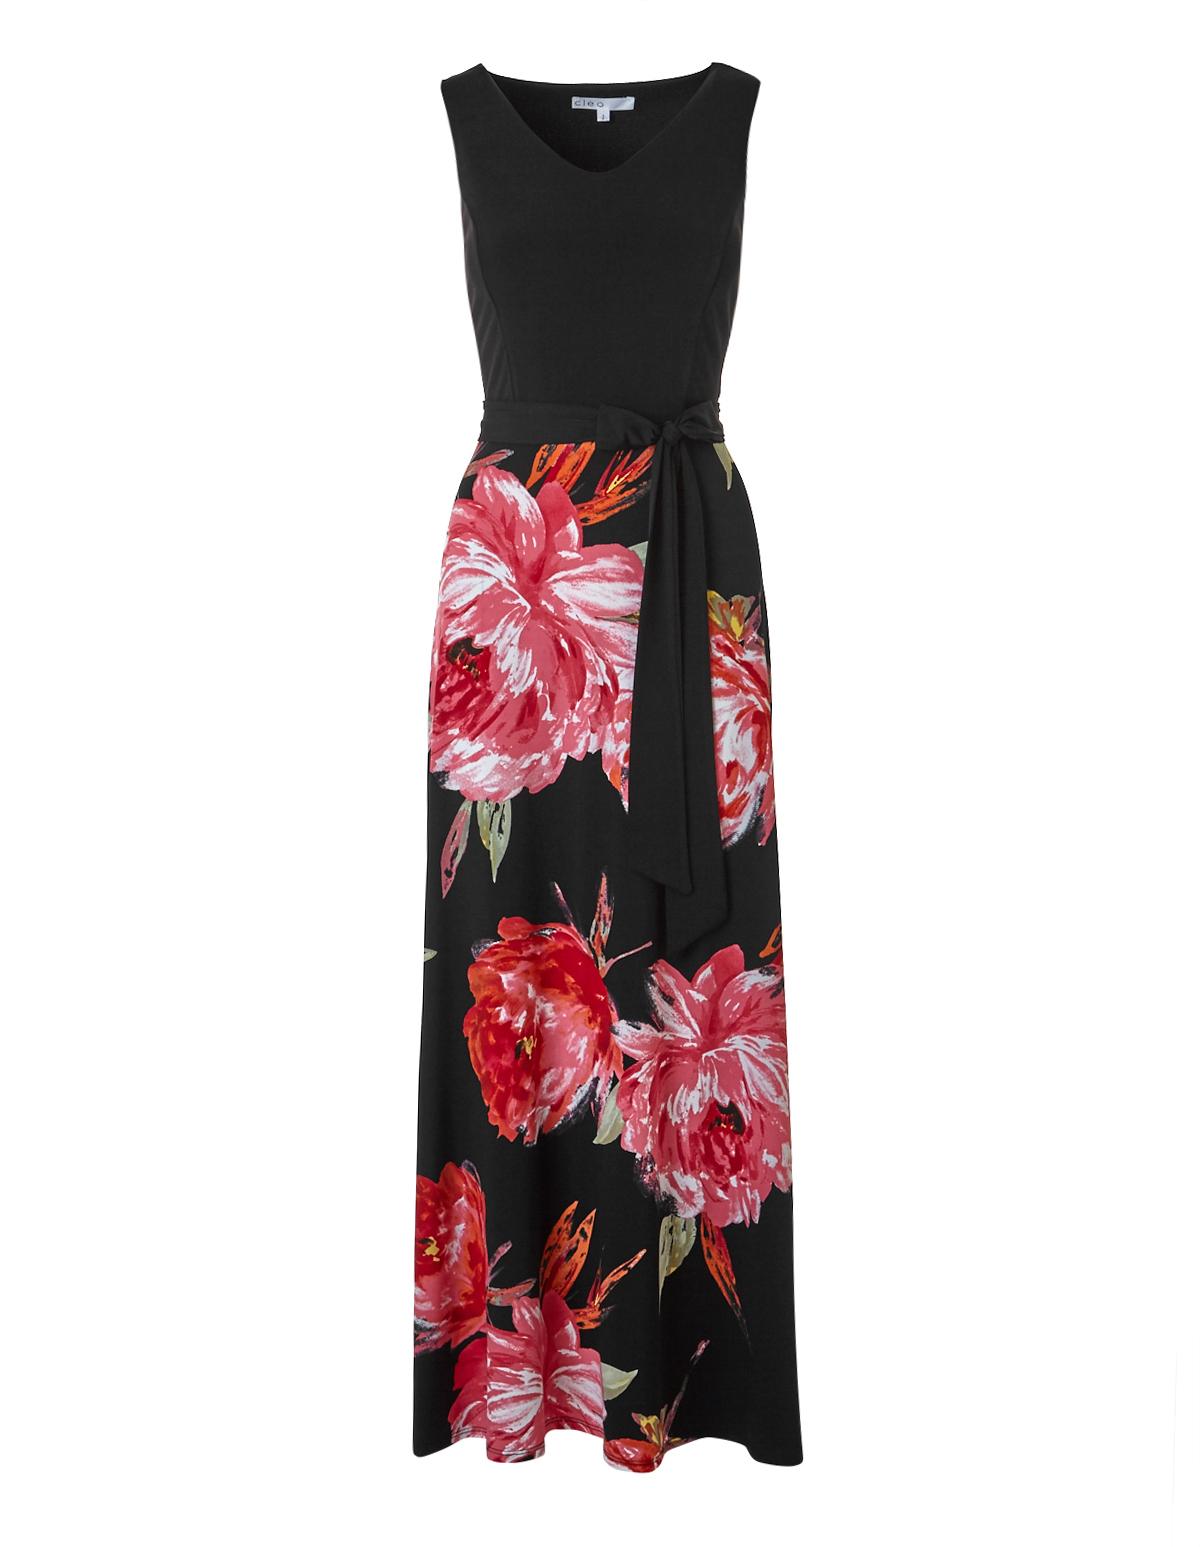 Pink floral maxi dress cleo pink floral maxi dress pinkblack hi res izmirmasajfo